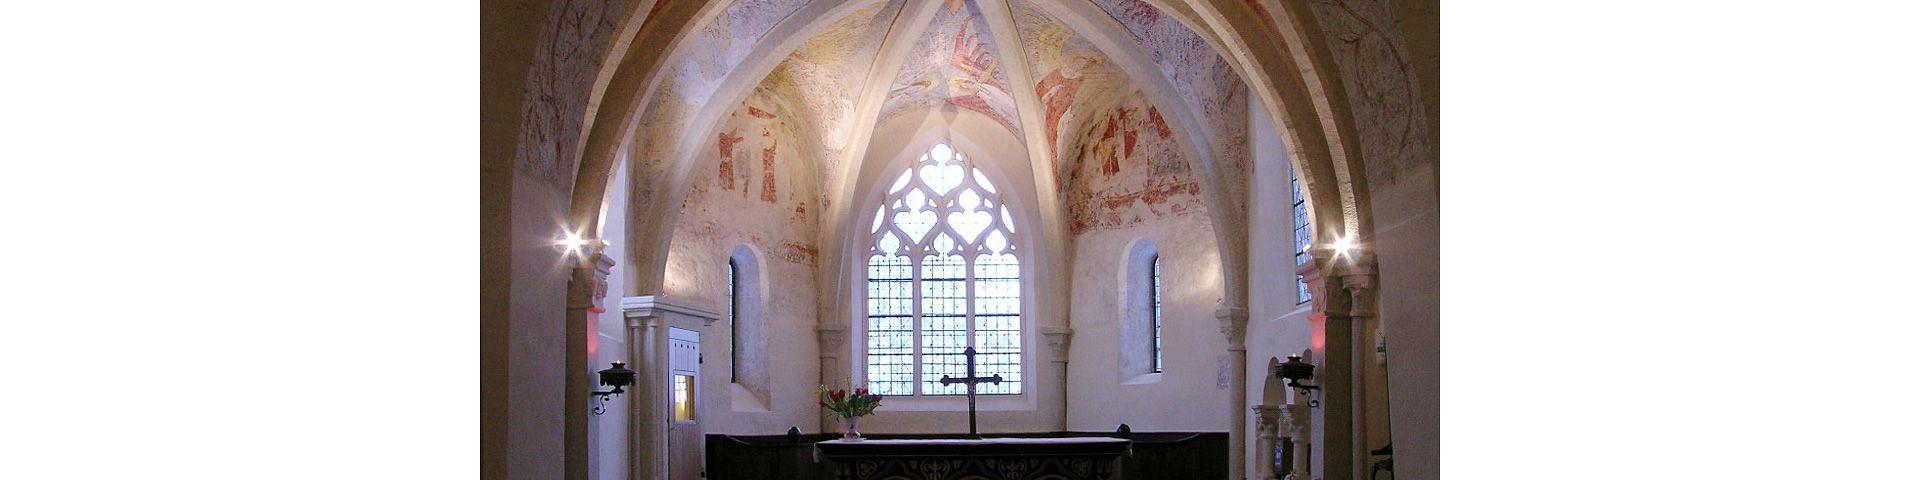 Terres-de-Chaux Eglise (25)